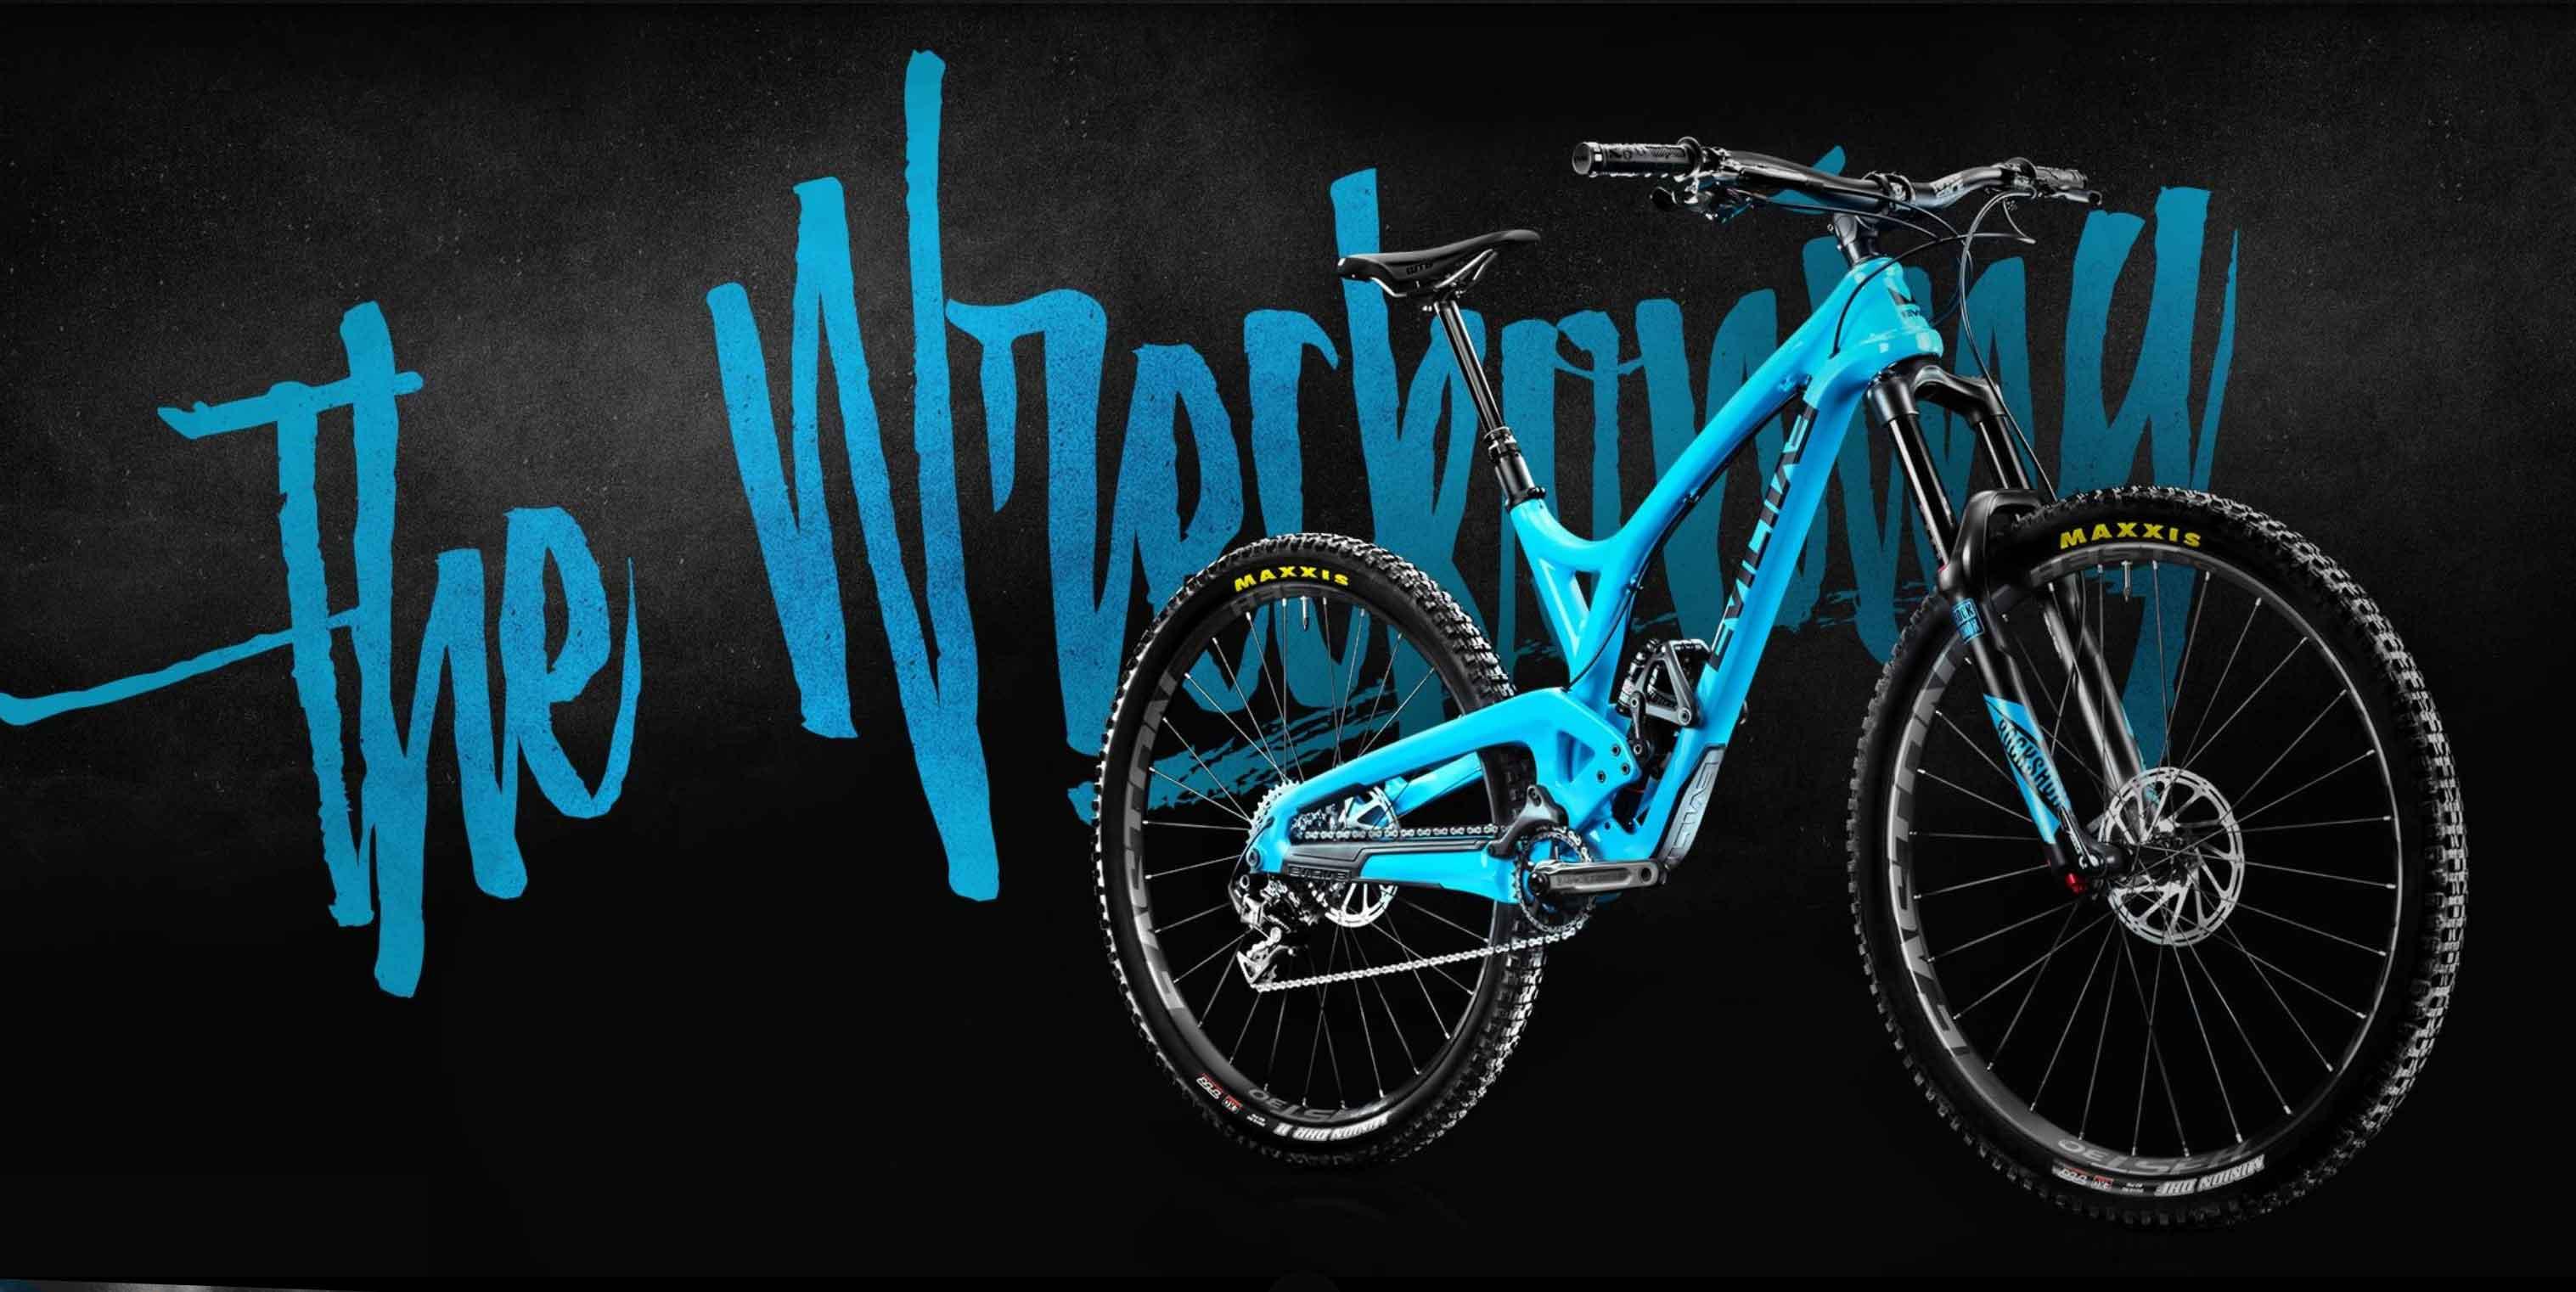 Evil bike the wreckoning in het blauw